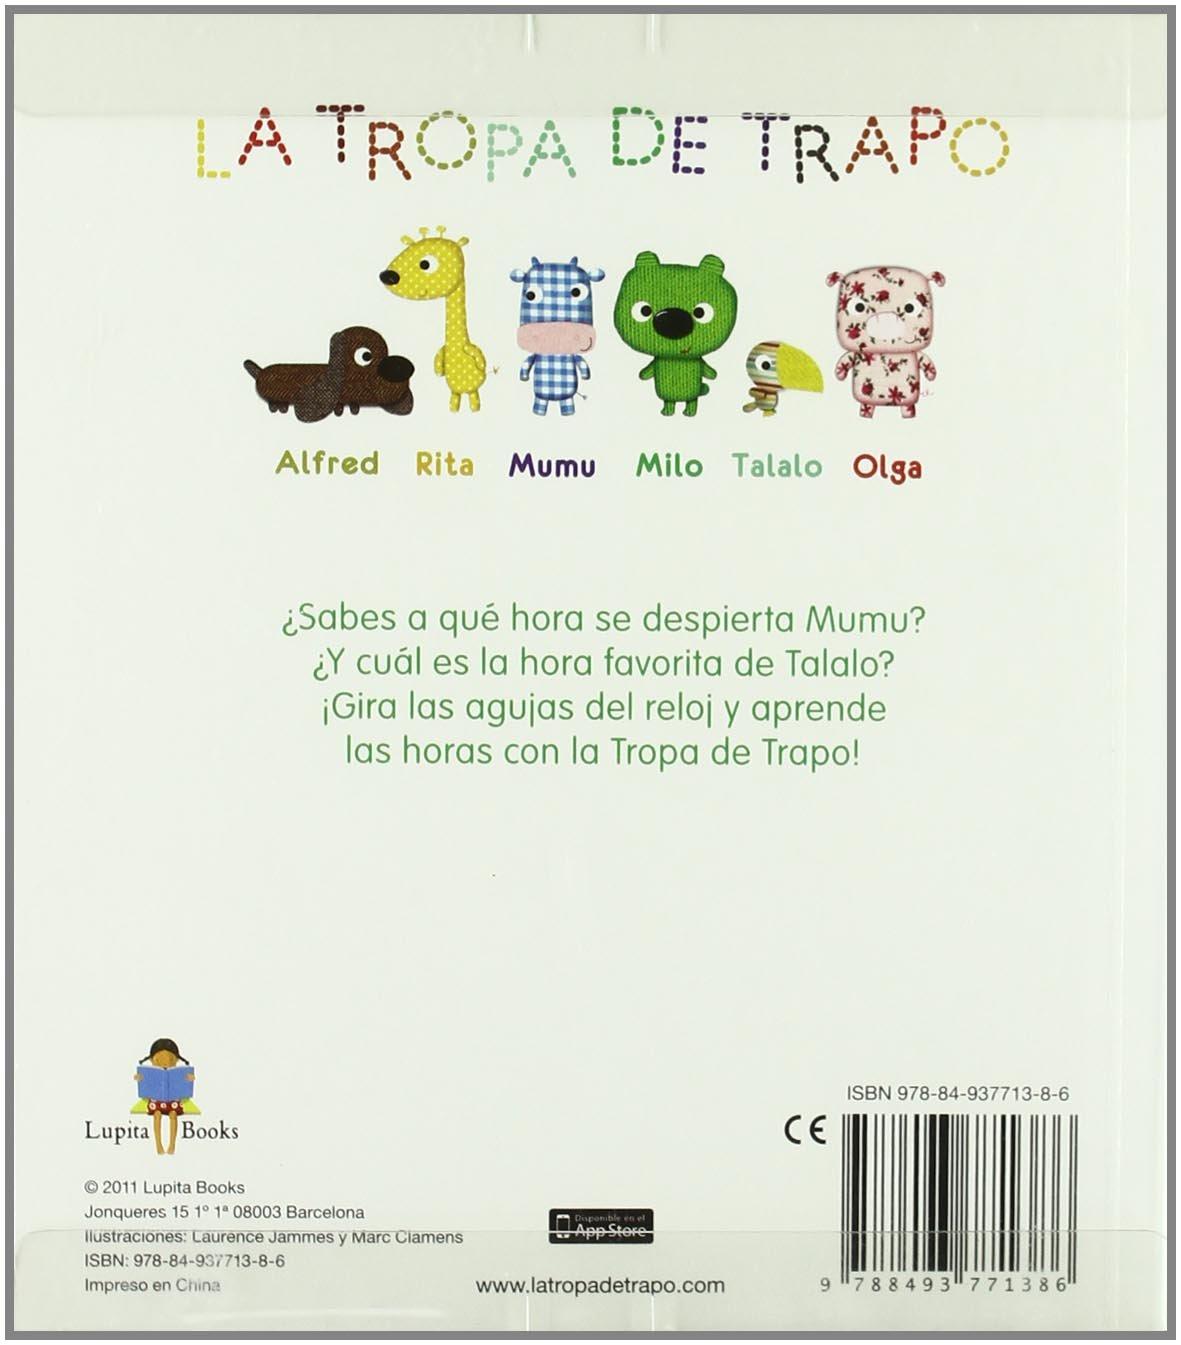 La tropa de trapo, Juega con las horas: LAURENCE Y CLAMENS, MARC JAMMES: 9788493771386: Amazon.com: Books